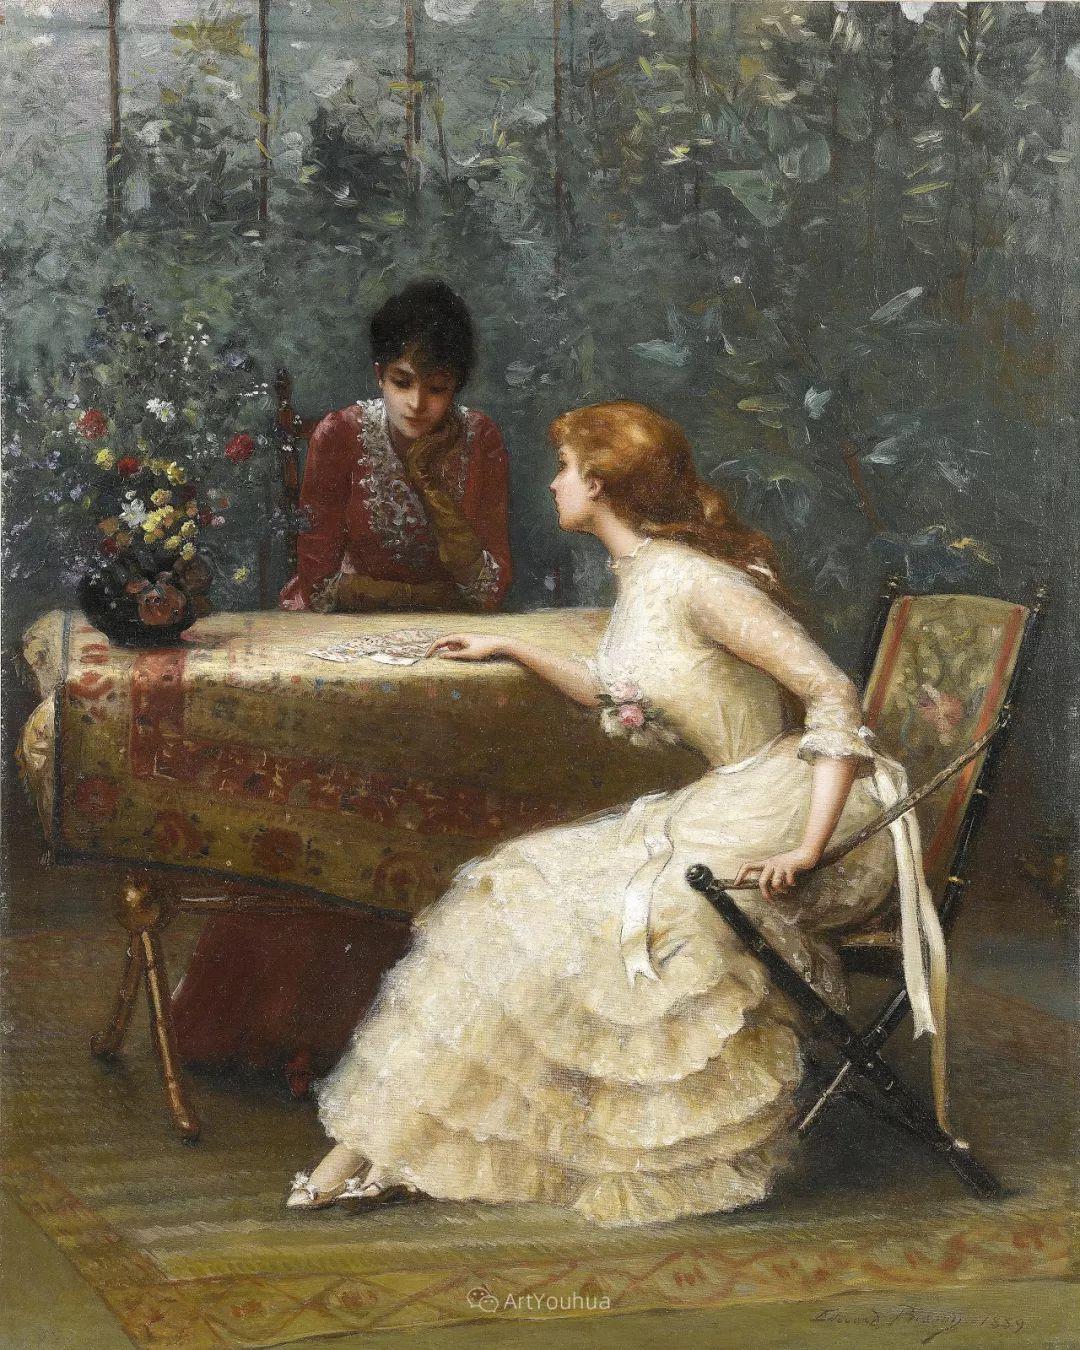 法国画家油画中的仙女,身披薄纱,性感迷人!插图22